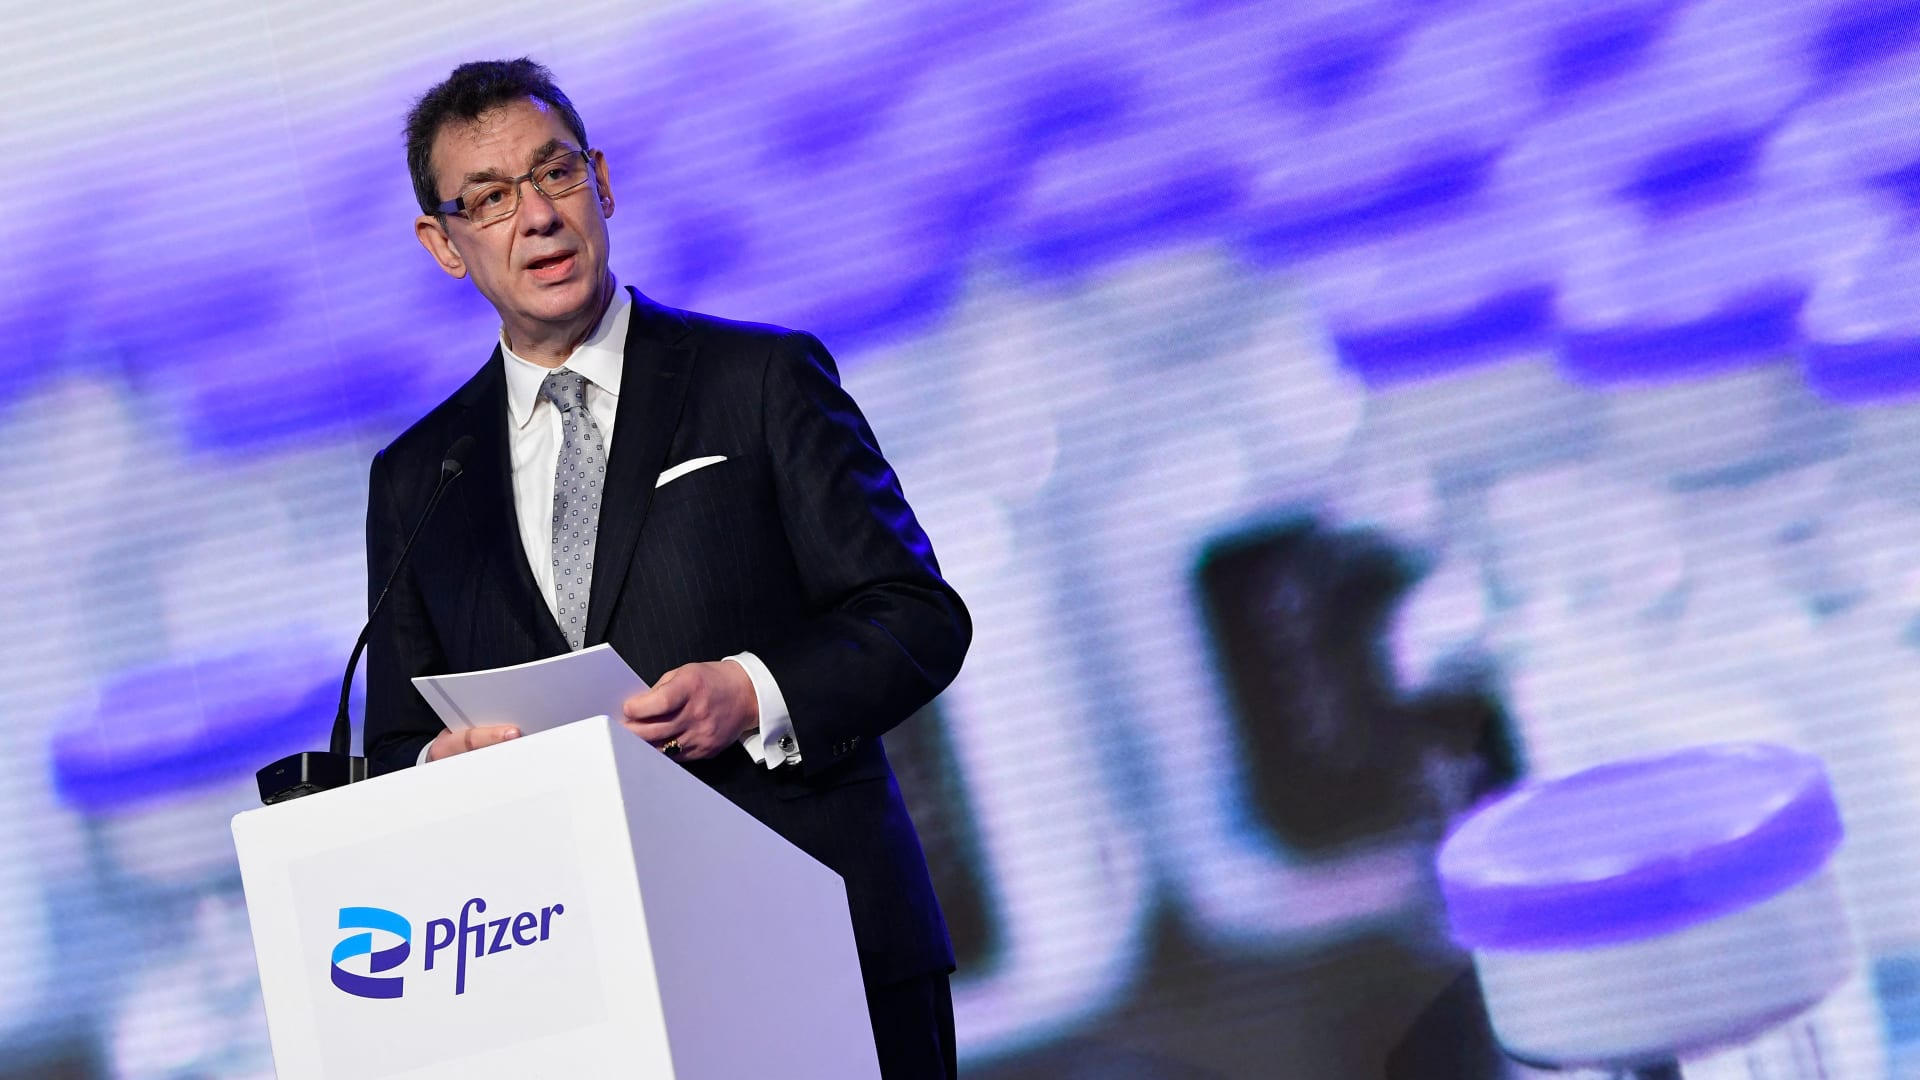 """رئيس """"فايزر"""" التنفيذي: أقراص علاج كورونا قد تكون جاهزة بحلول نهاية العام"""